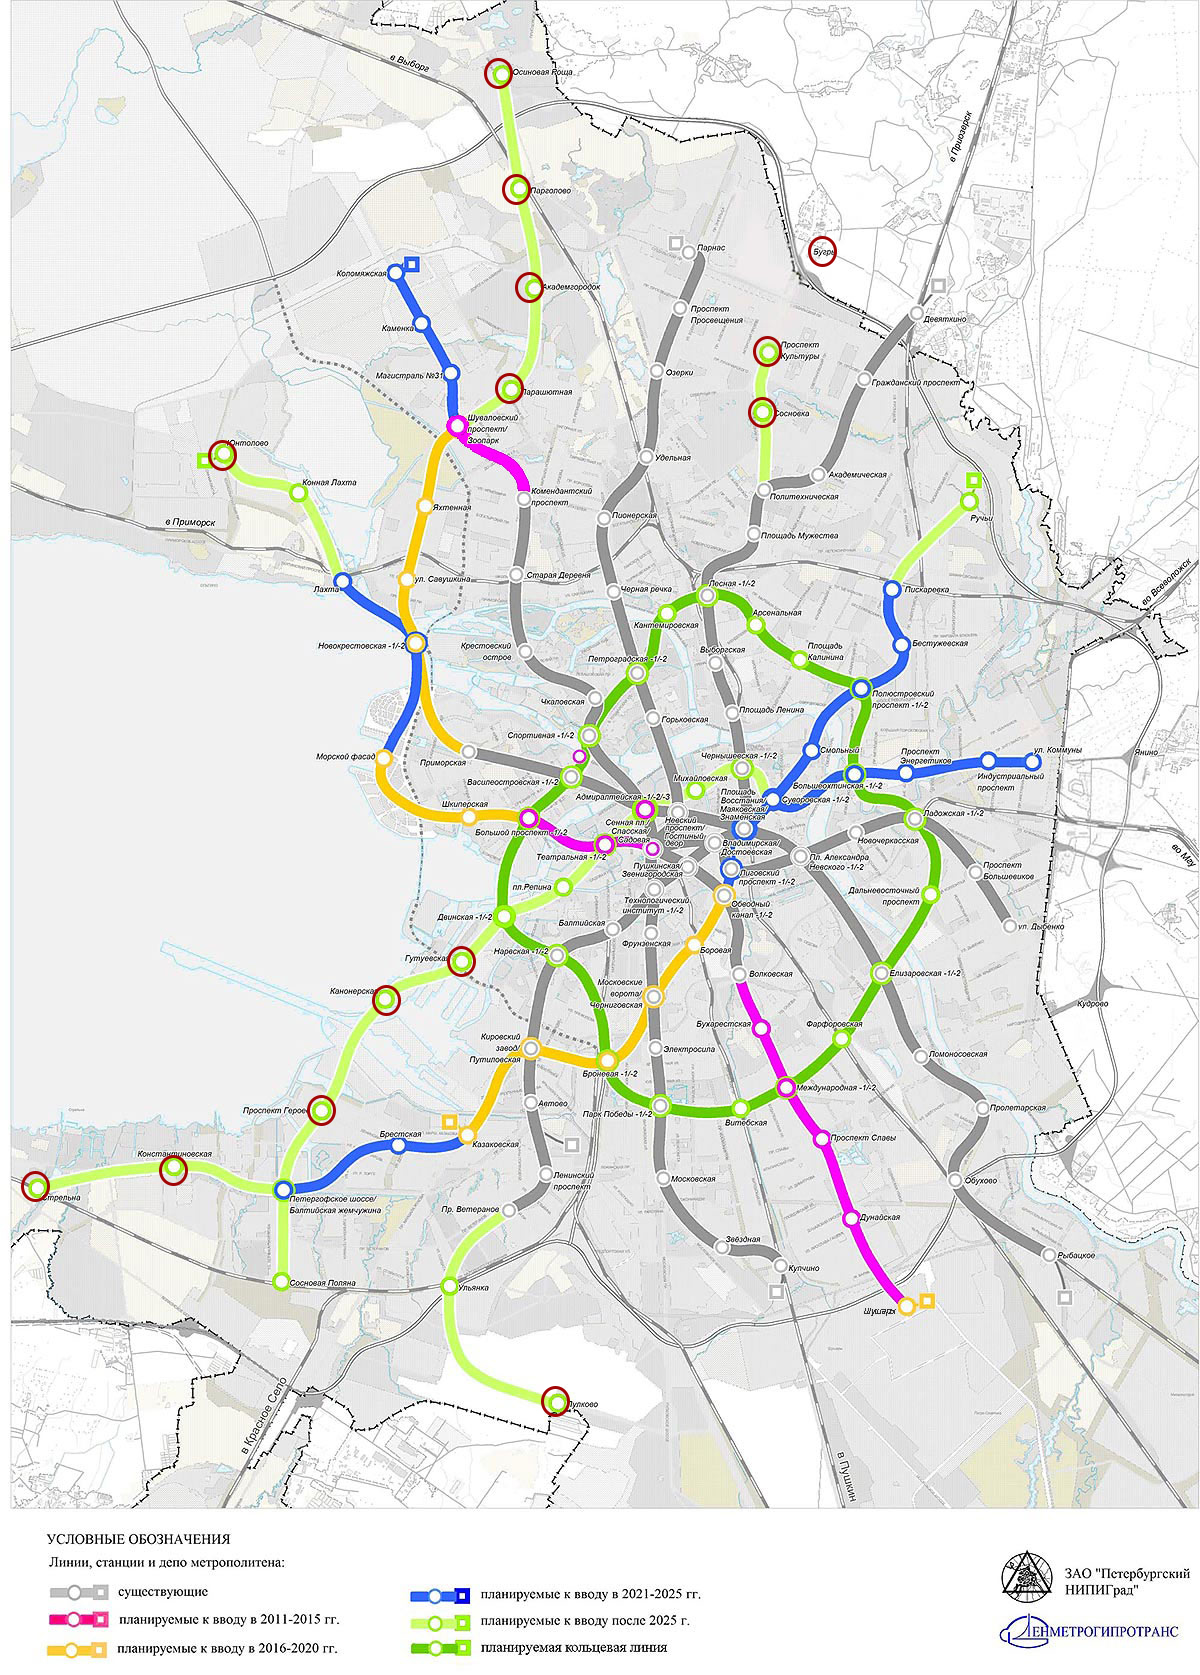 Проектируемая схема метро санкт петербурга фото 976